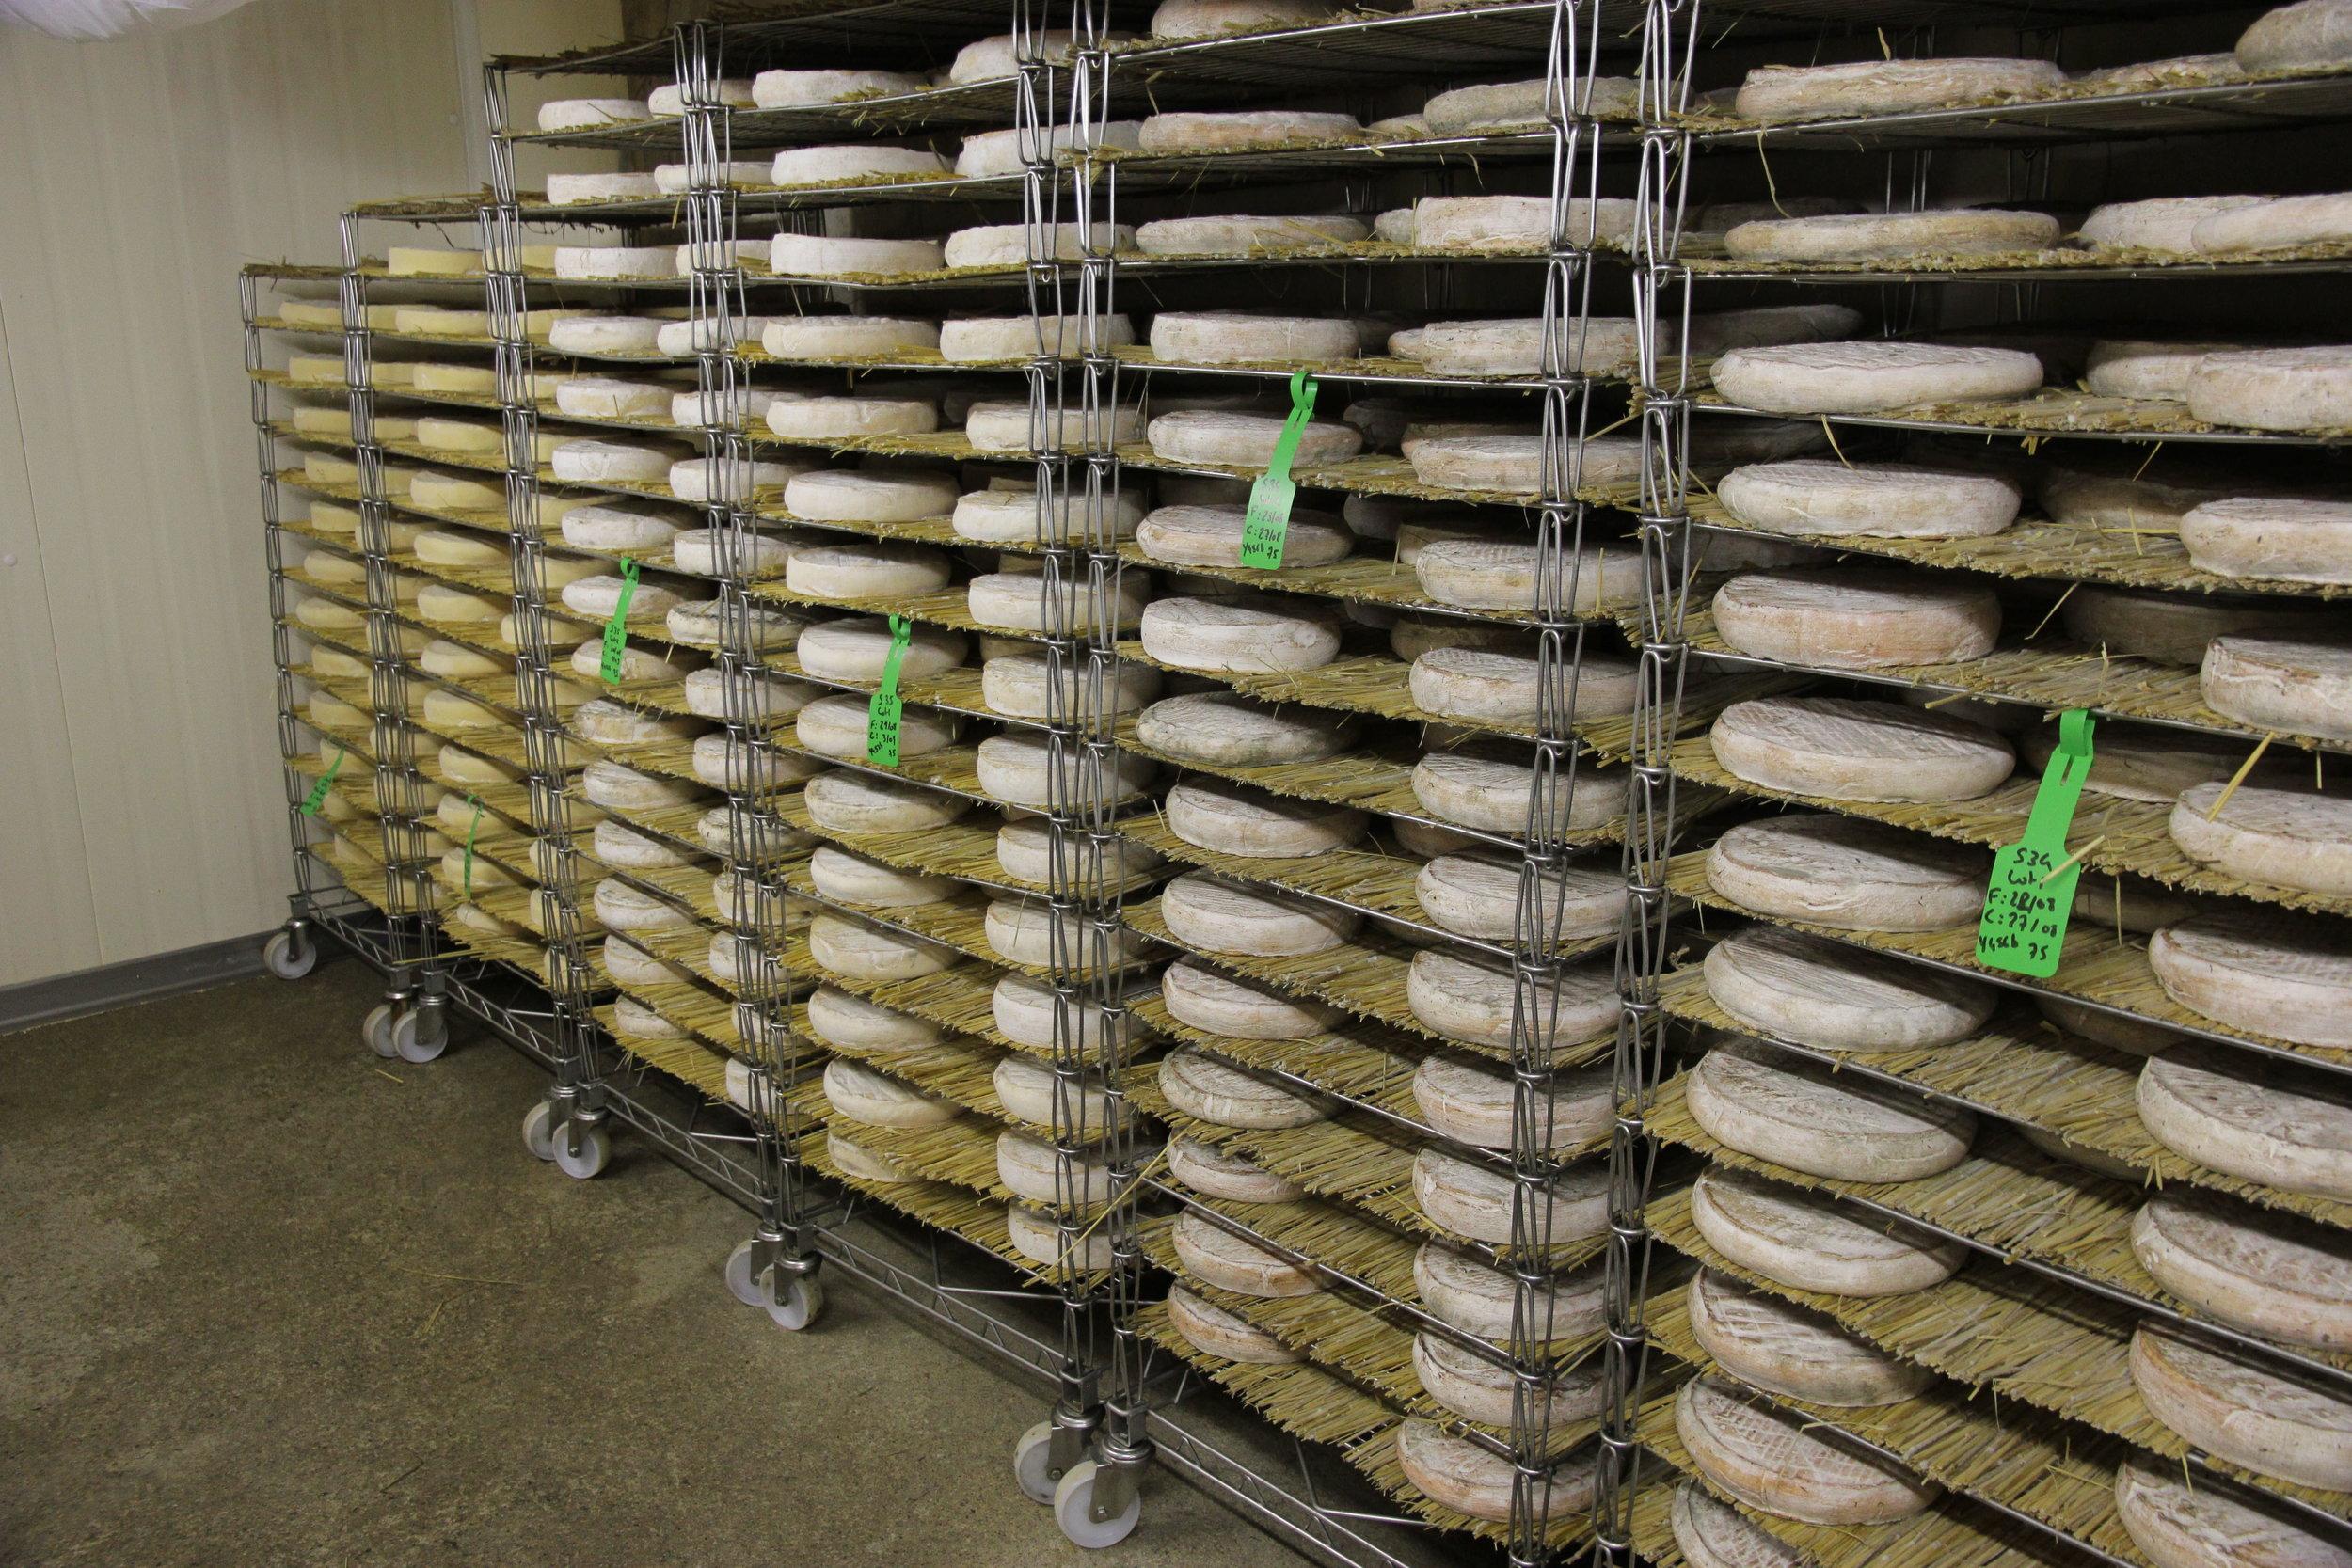 La « collection privée » de la ferme. Ici la famille affine ses propres fromages.